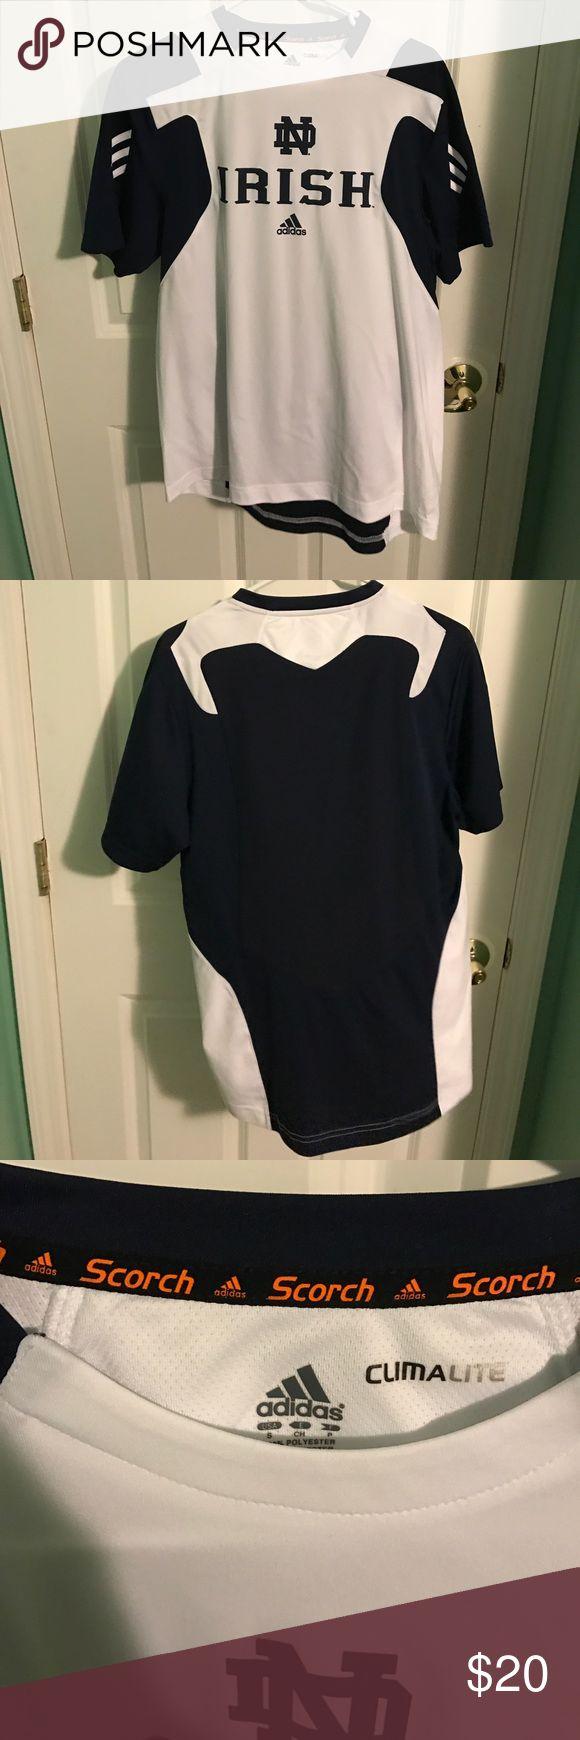 Adidas Notre Dame 'Irish' Athletic Shirt Hardly worn, Notre Dame athletic shirt with climatelite technology, breathable and light fabric adidas Shirts Tees - Short Sleeve